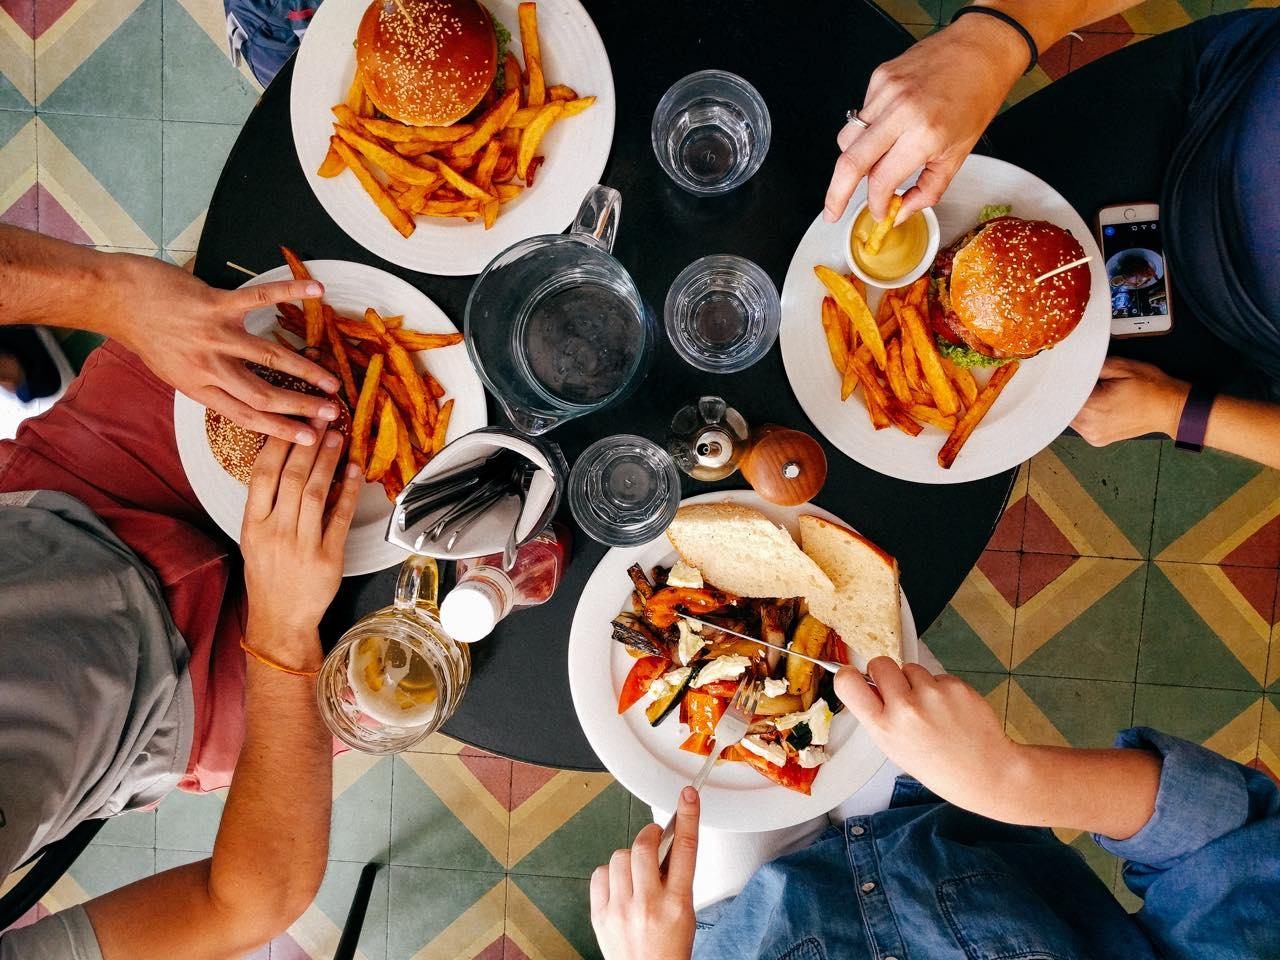 ひと皿が何十倍もおいしくなる。『食べ方図説』に見る次なる食の楽しみ方